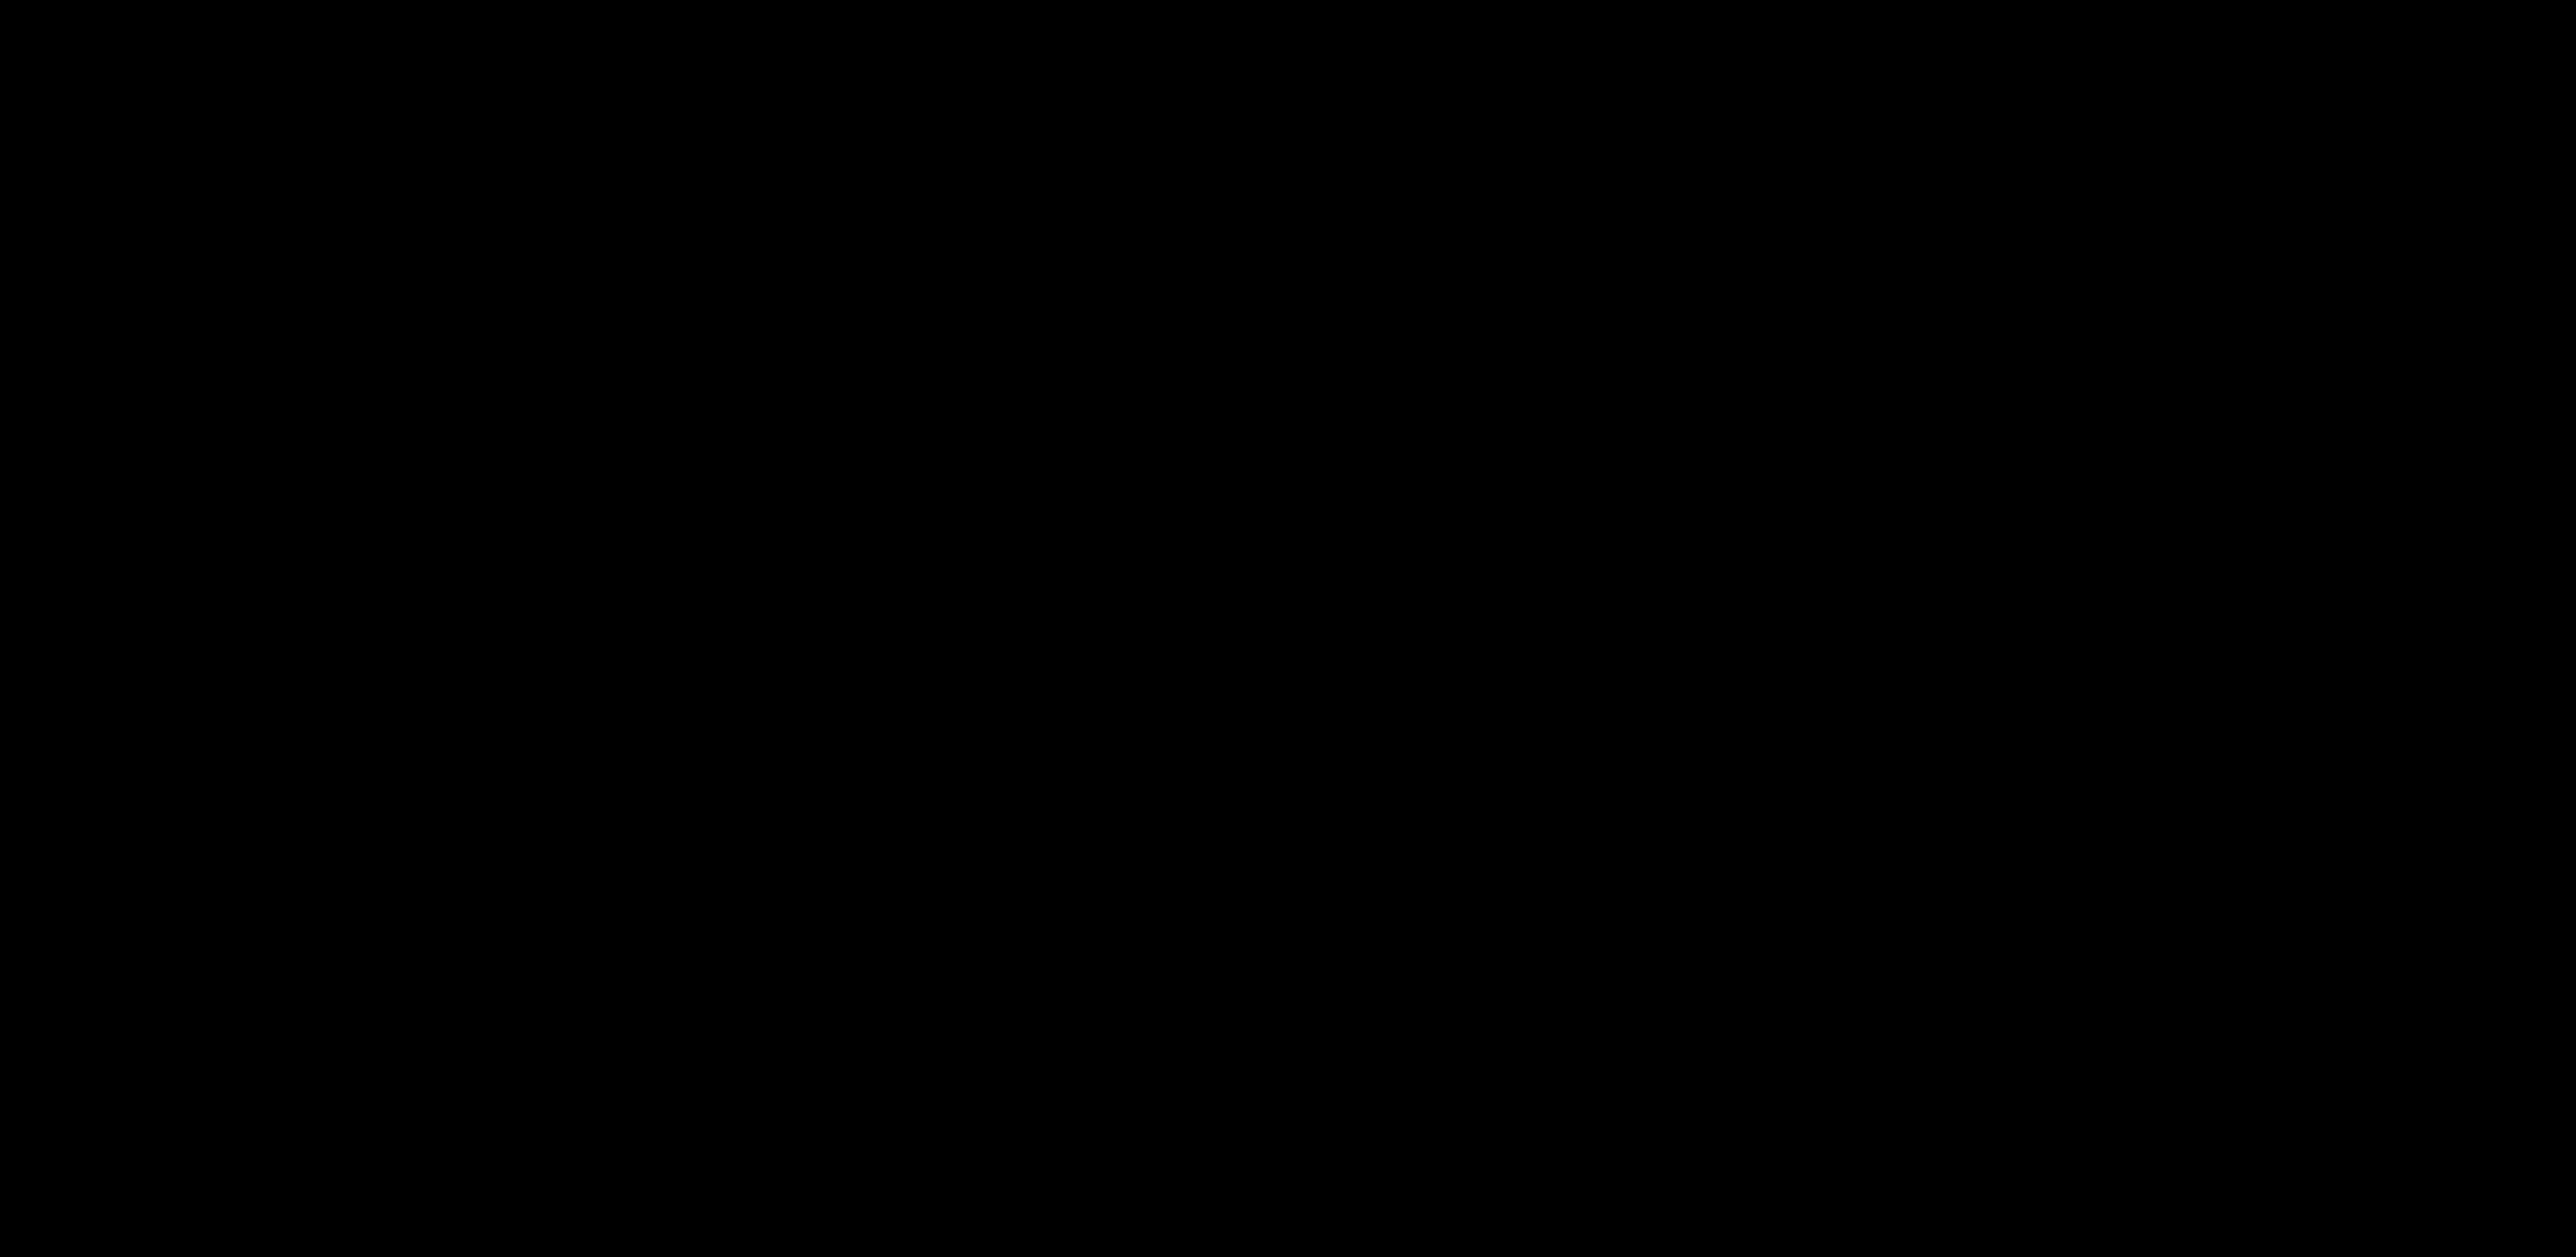 Spektakel en Controversie, het Nieuwe Mode Seizoen gaat van Start